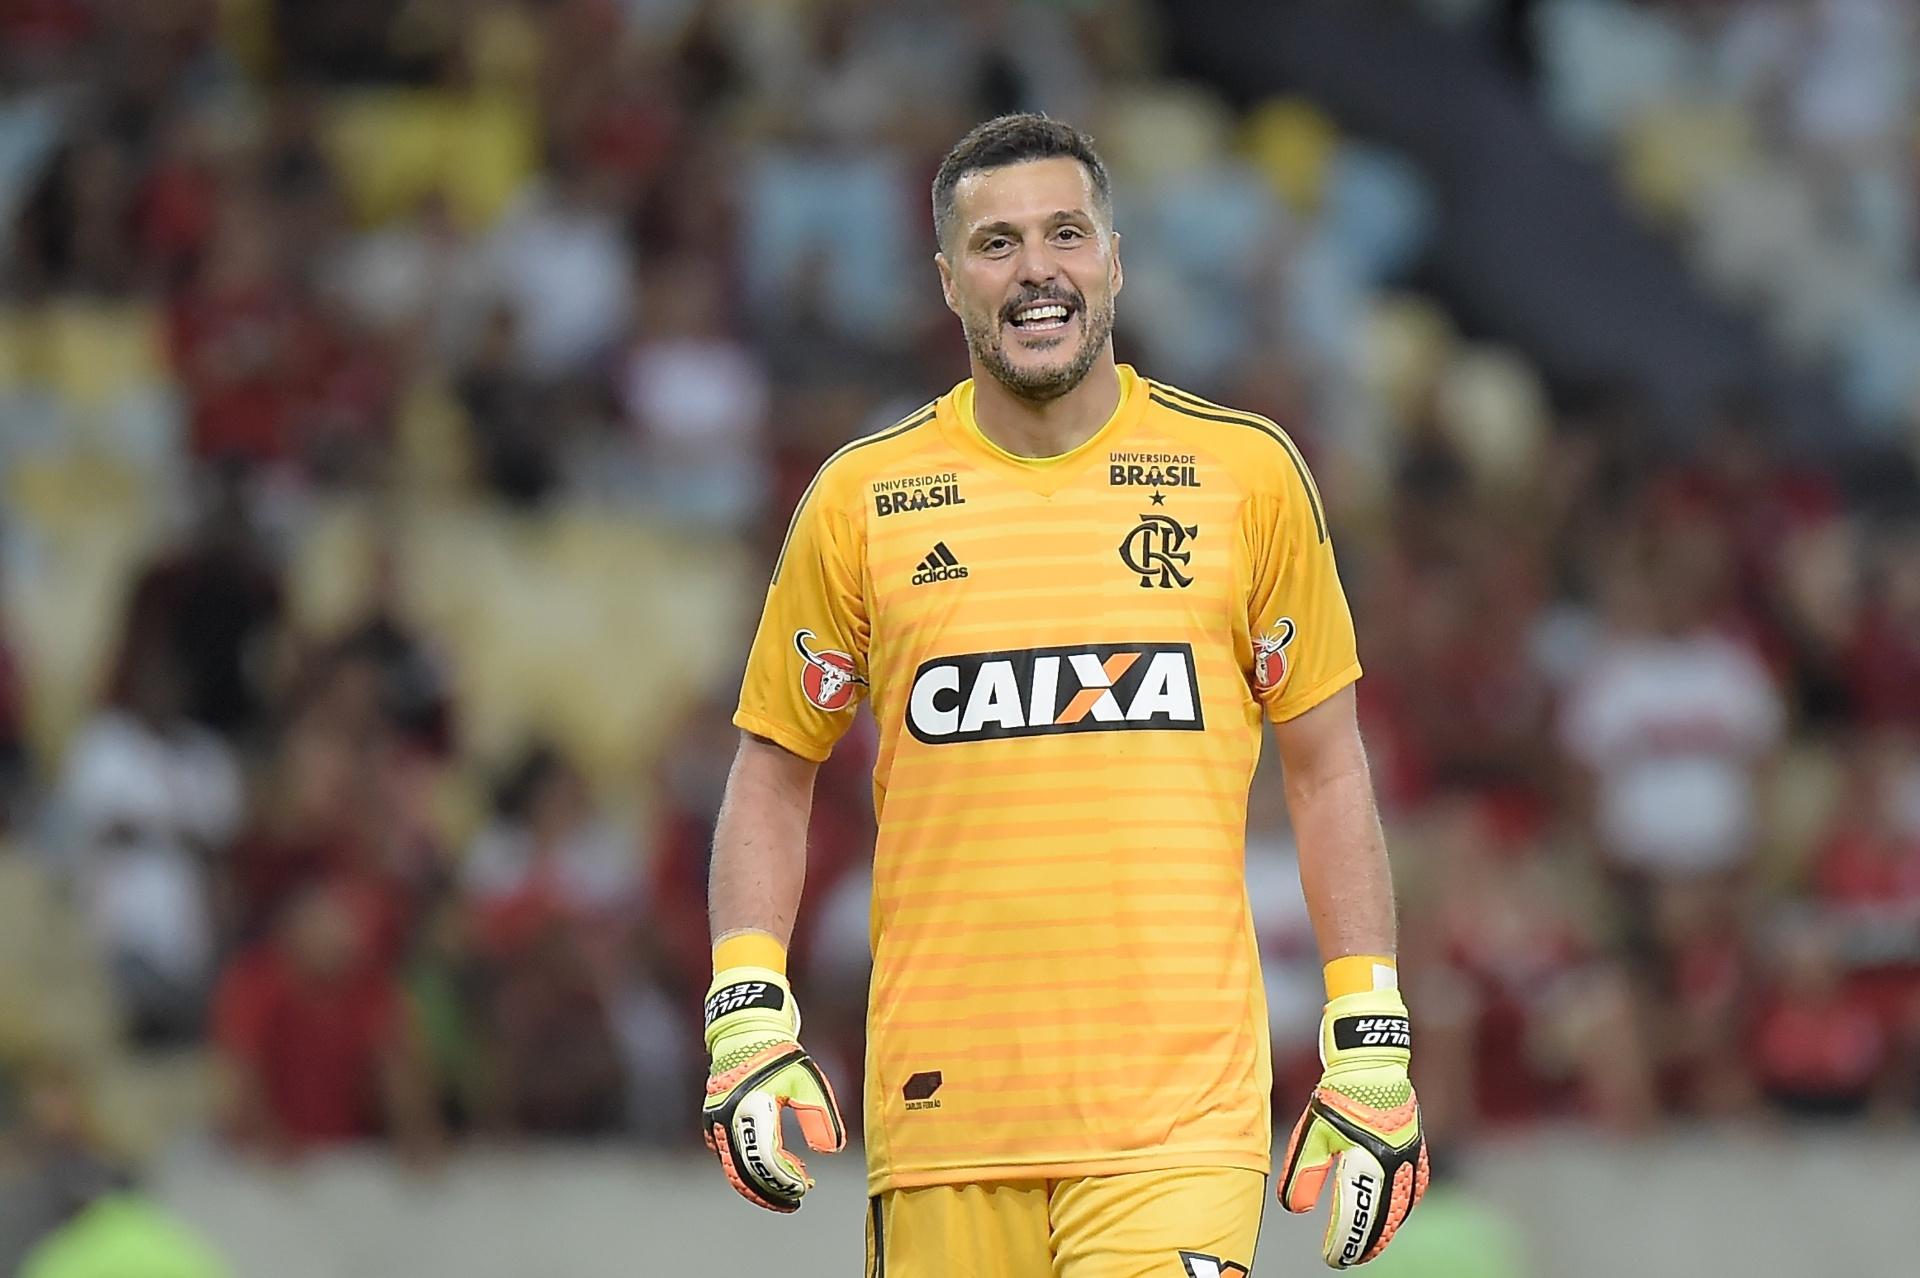 2bbcf23f49 Julio Cesar se despede dos gramados e agradece Flamengo